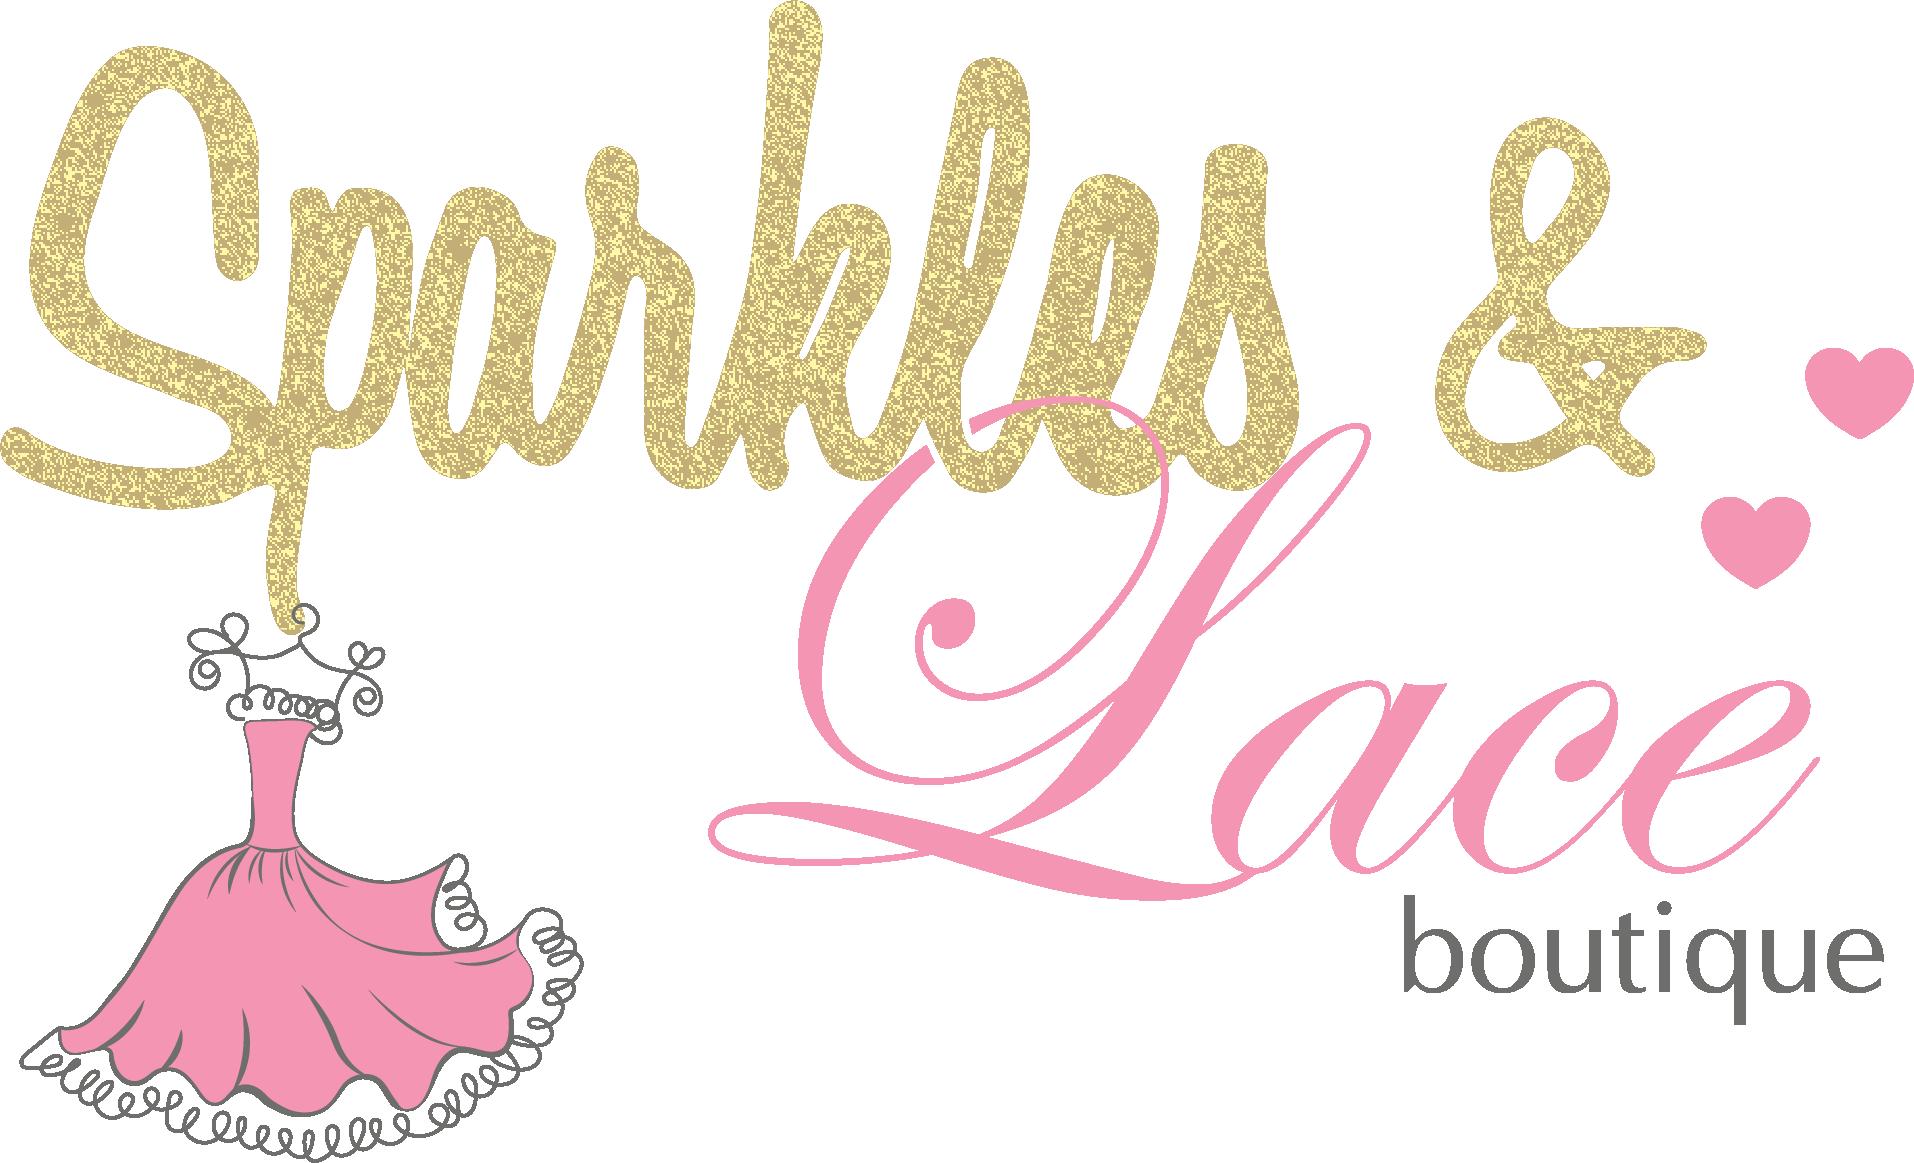 Sparkles & Lace Boutique